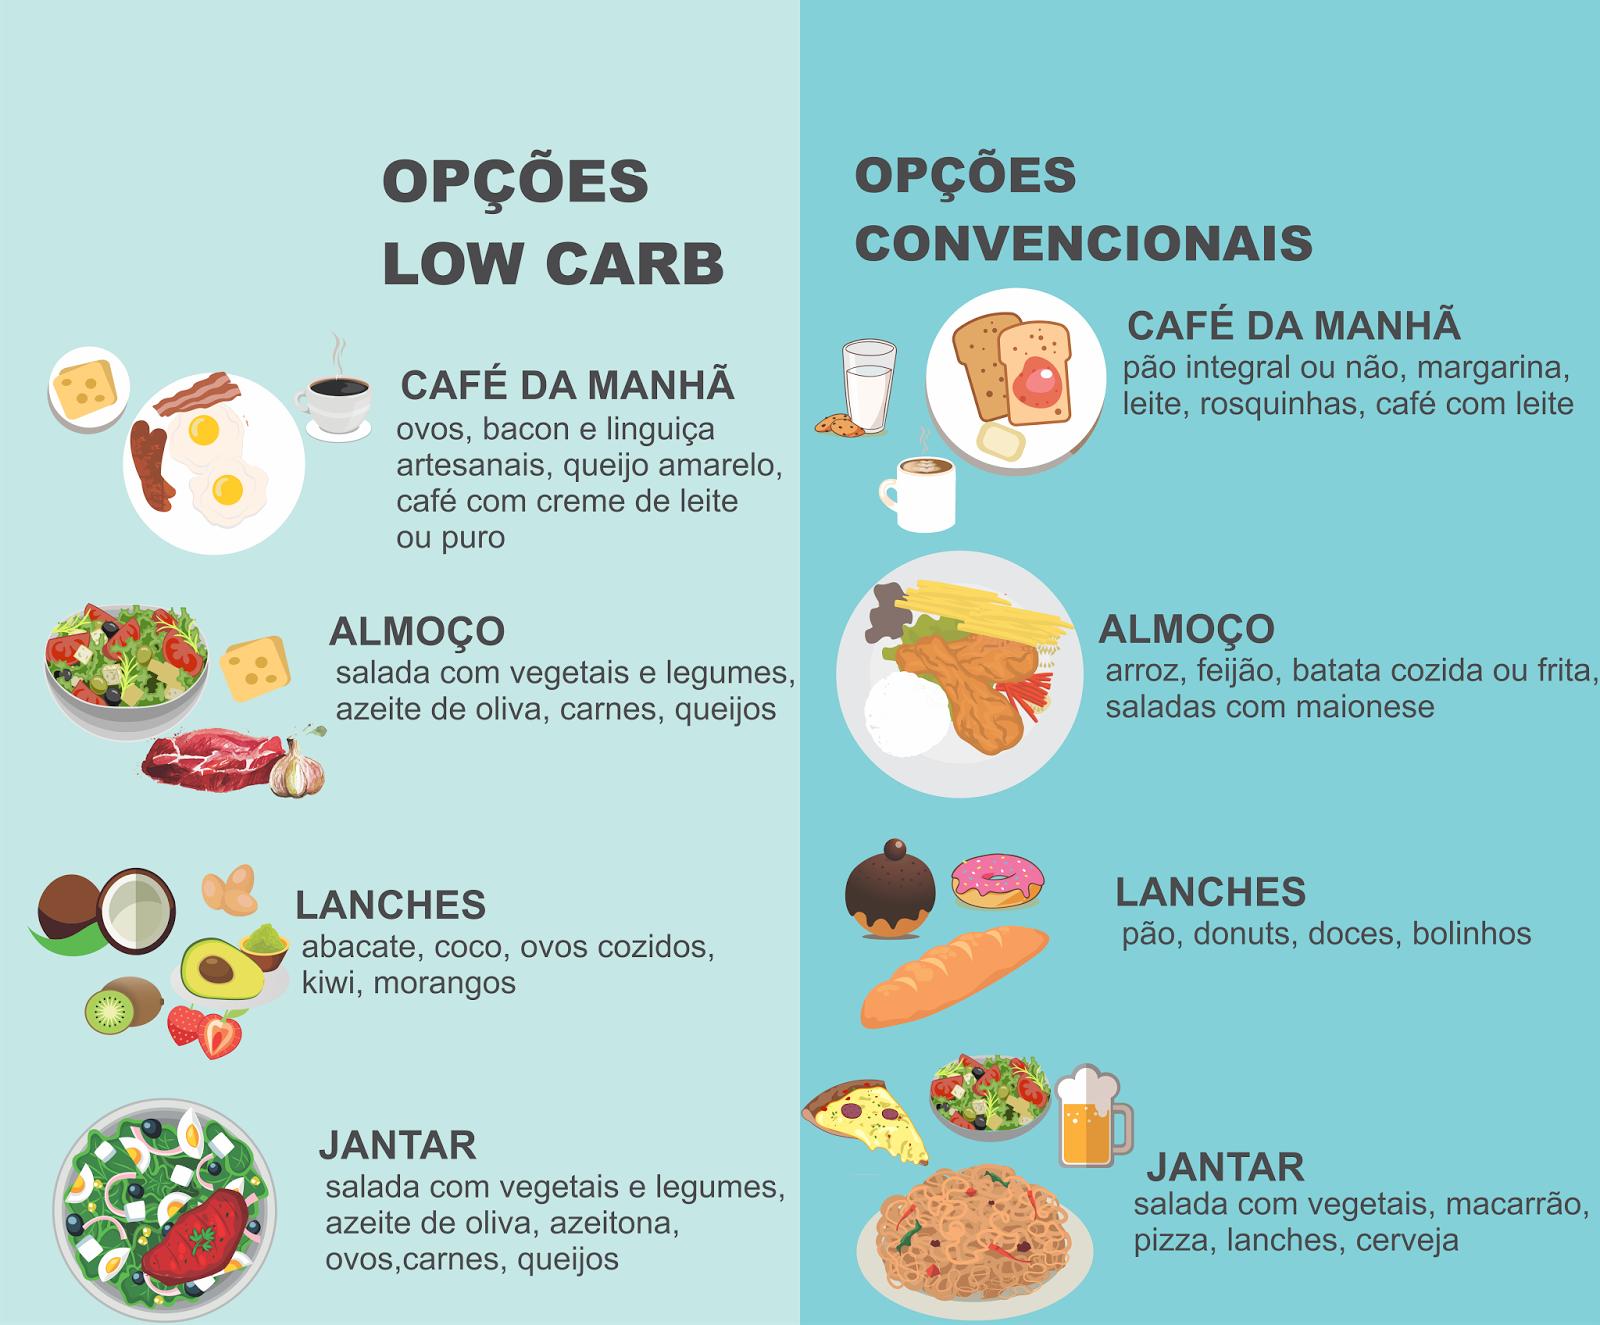 dieta zero carb